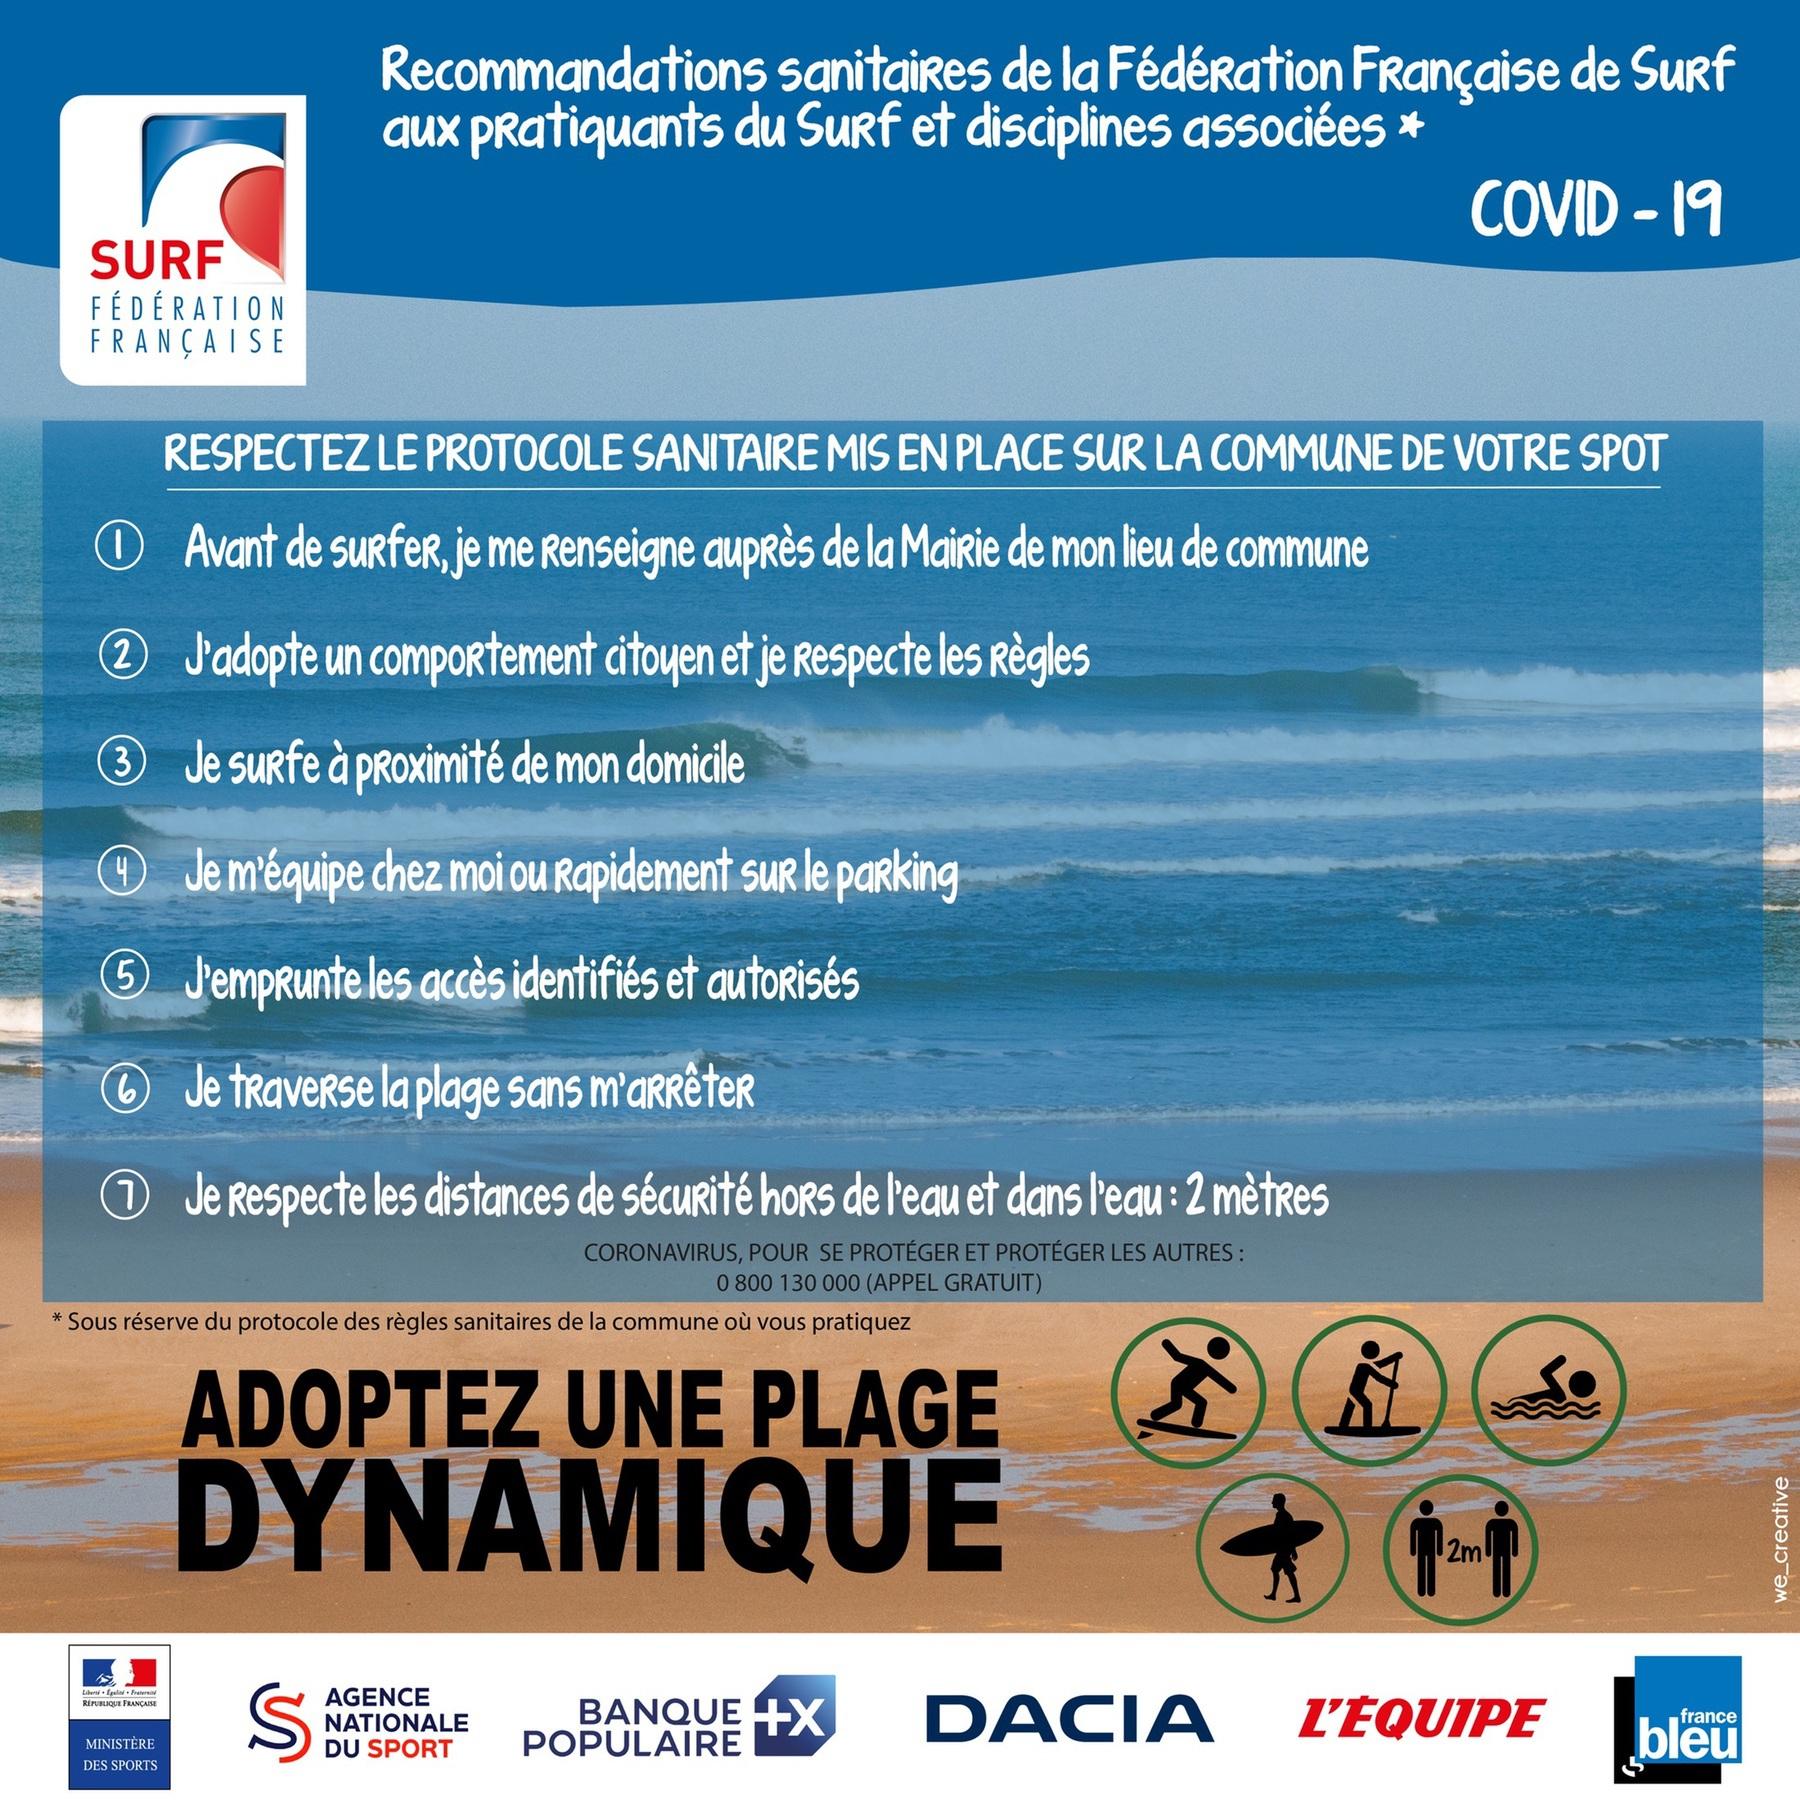 recommendation-sanitaire-fédération-française-de-surf-plage-dynamique